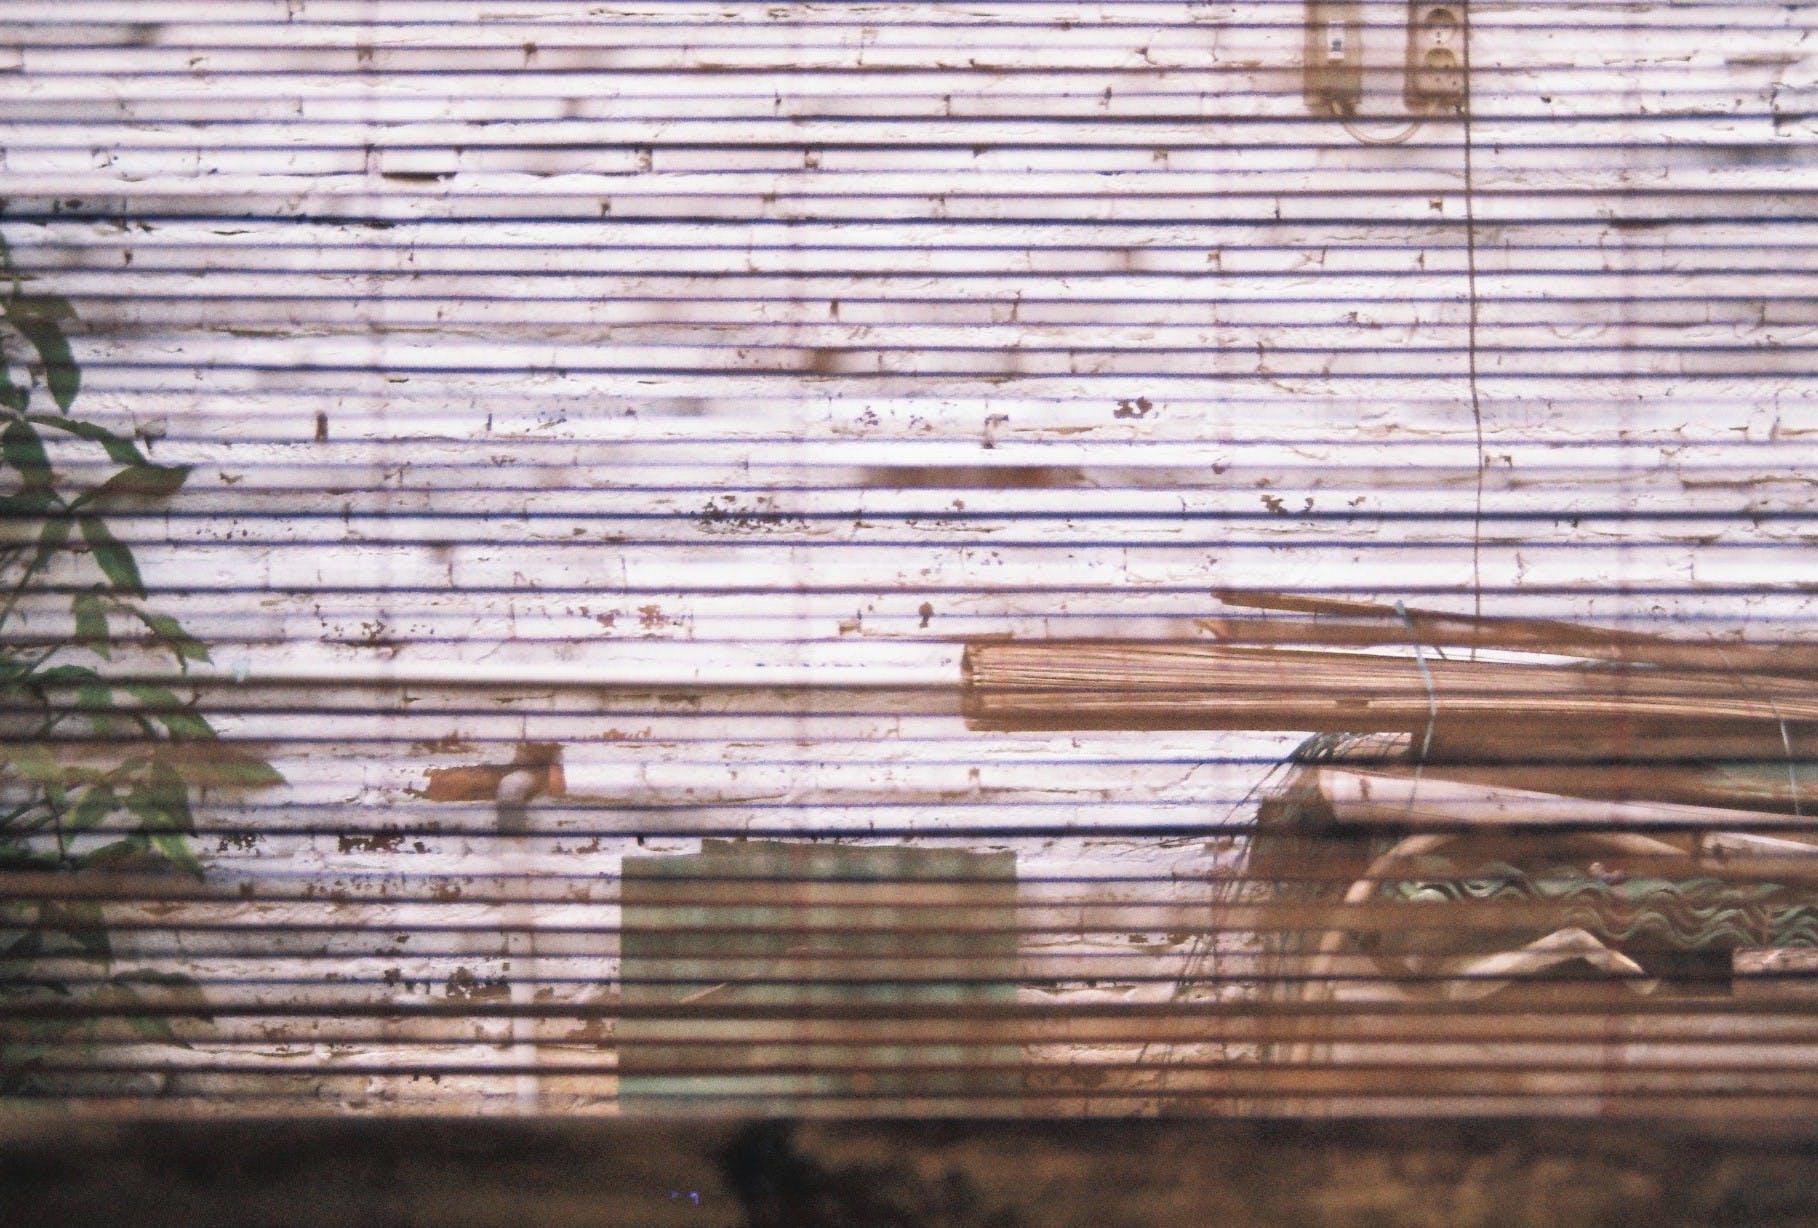 Free stock photo of analog, analog camera, bamboo, film photography